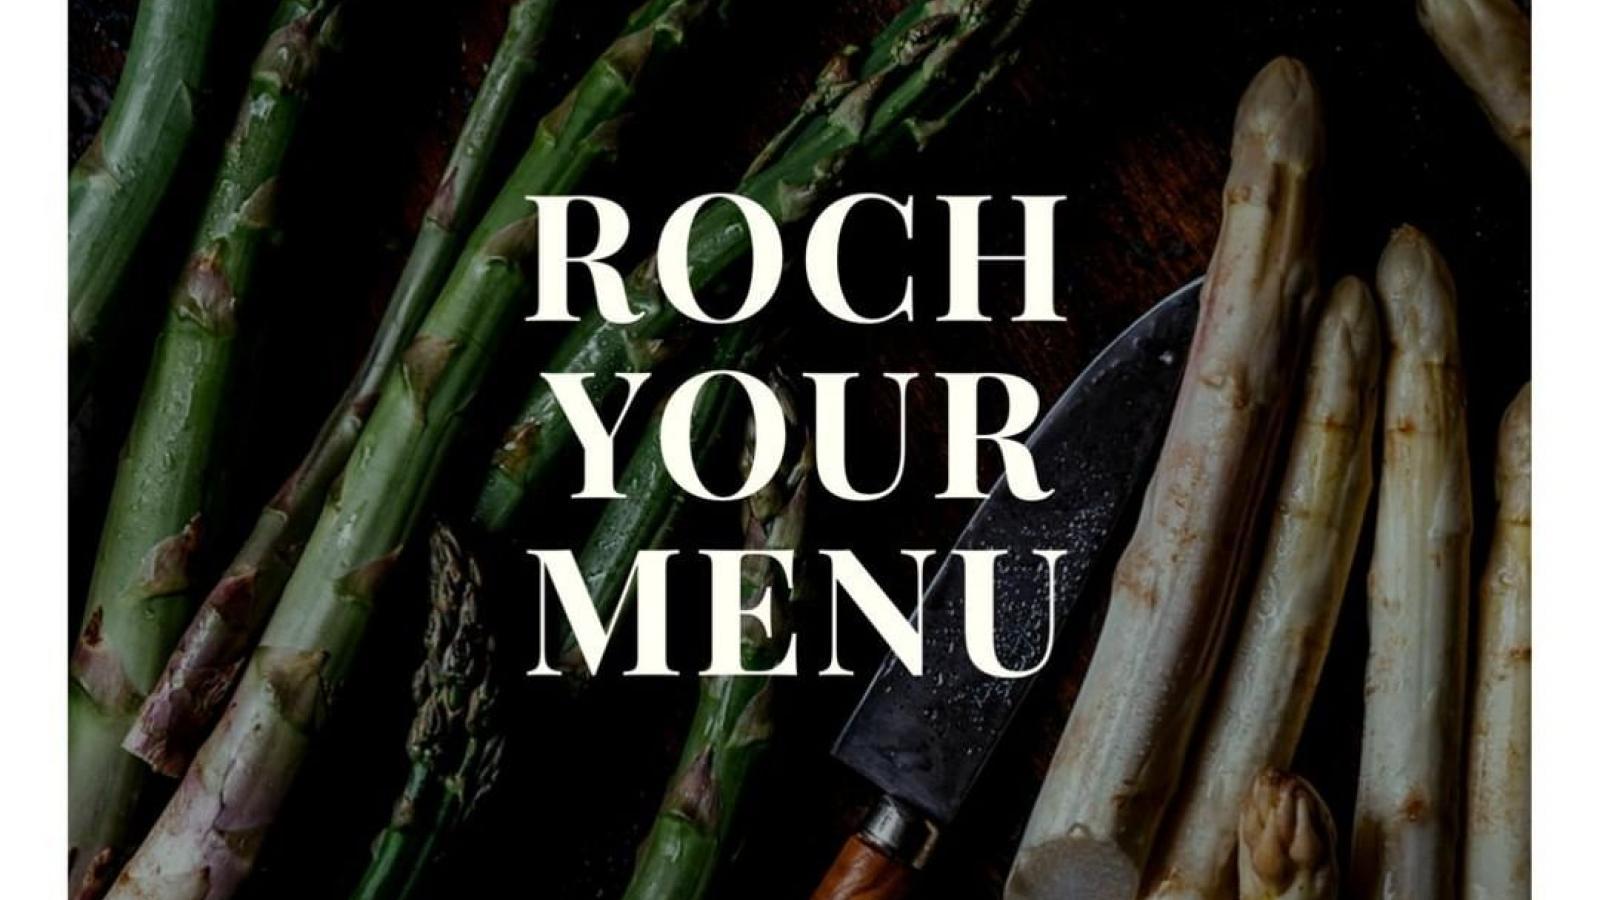 Roch your menu!